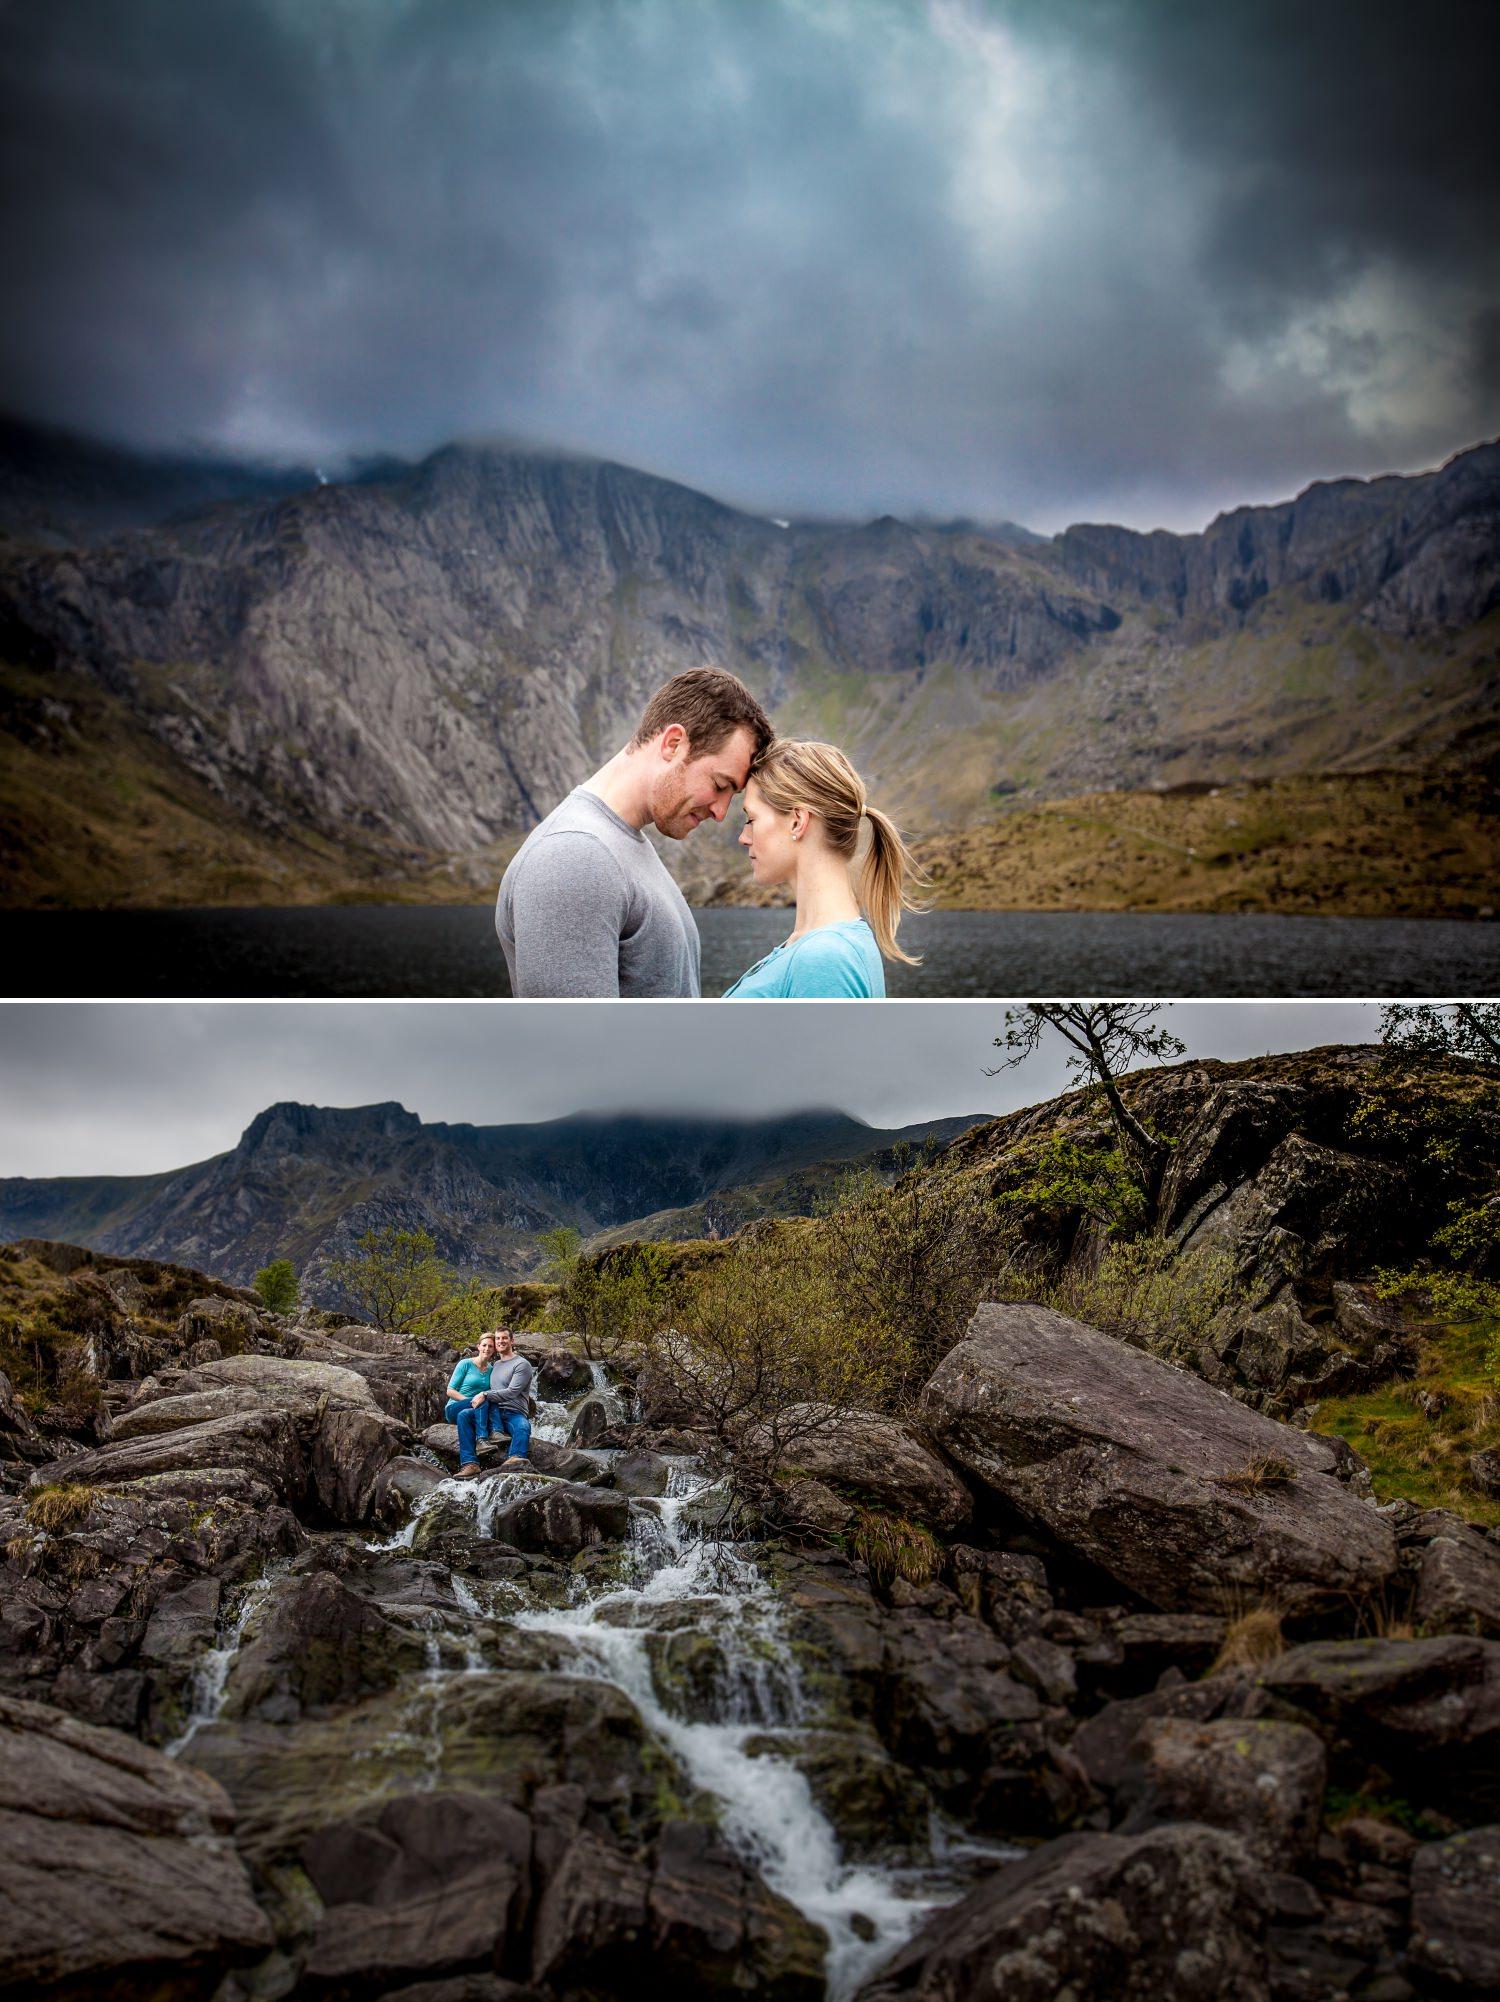 Wedding photographer in Llyn Idwal, Snowdonia